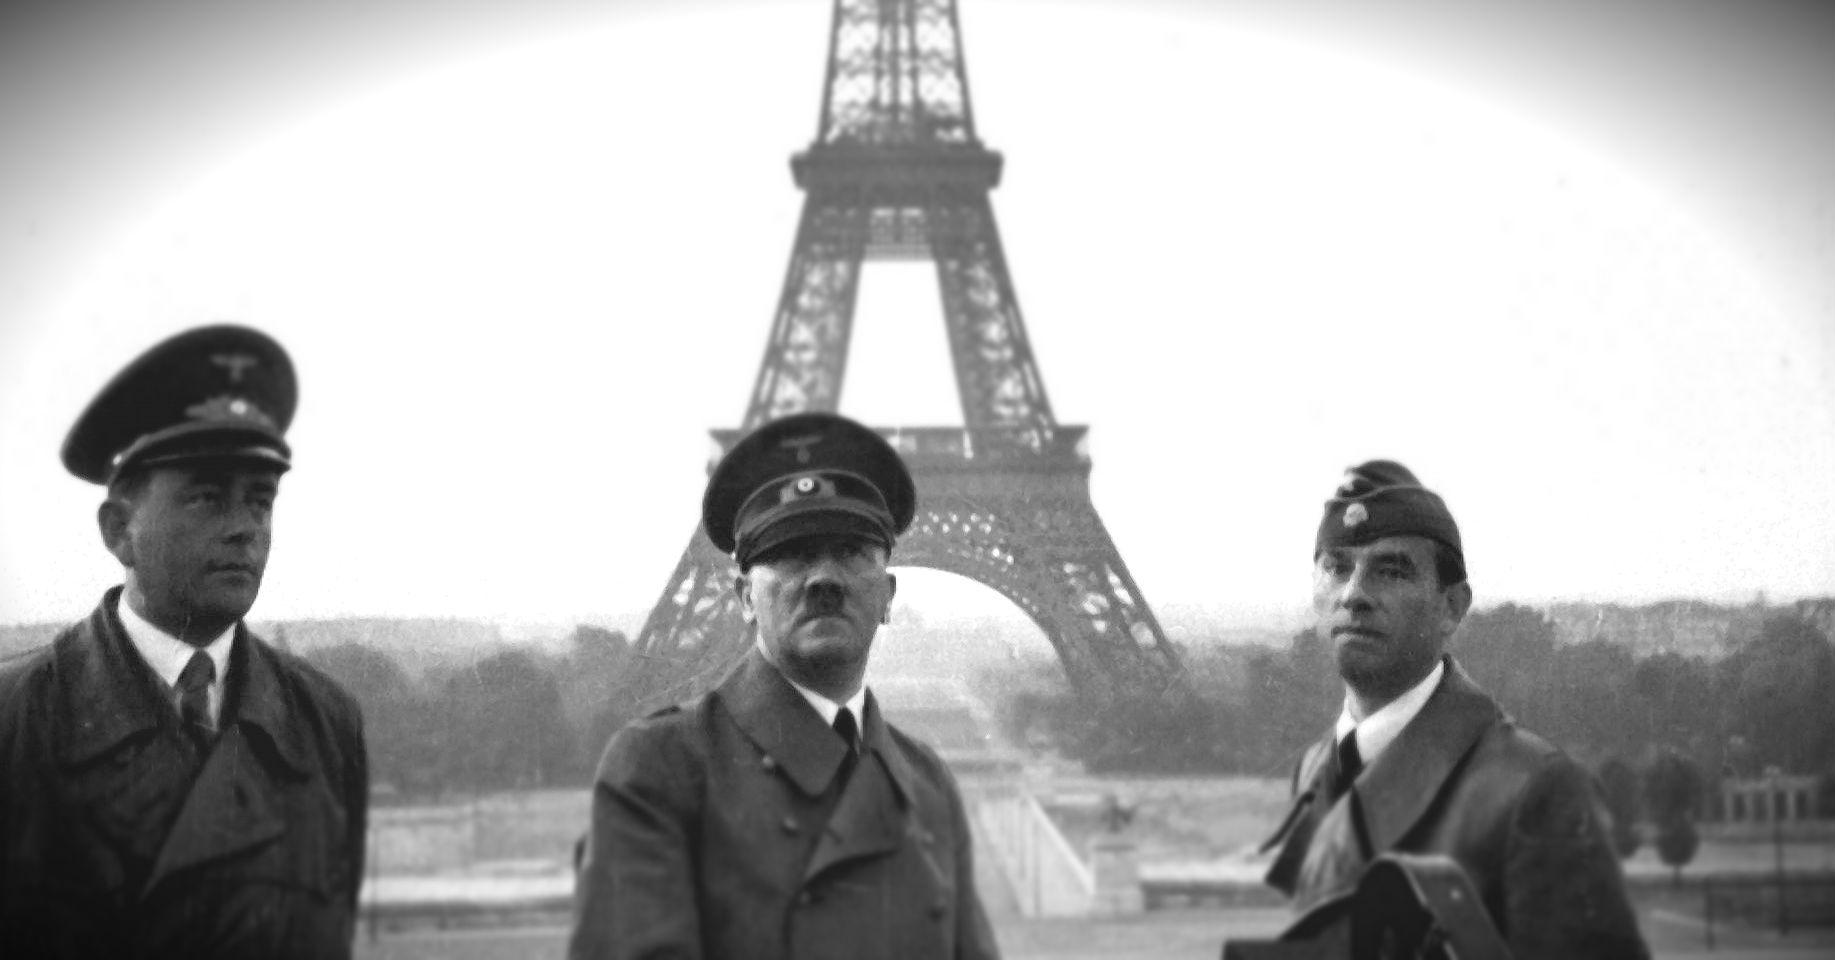 Soldado con insignia nazi provoca escándalo en Ejército francés